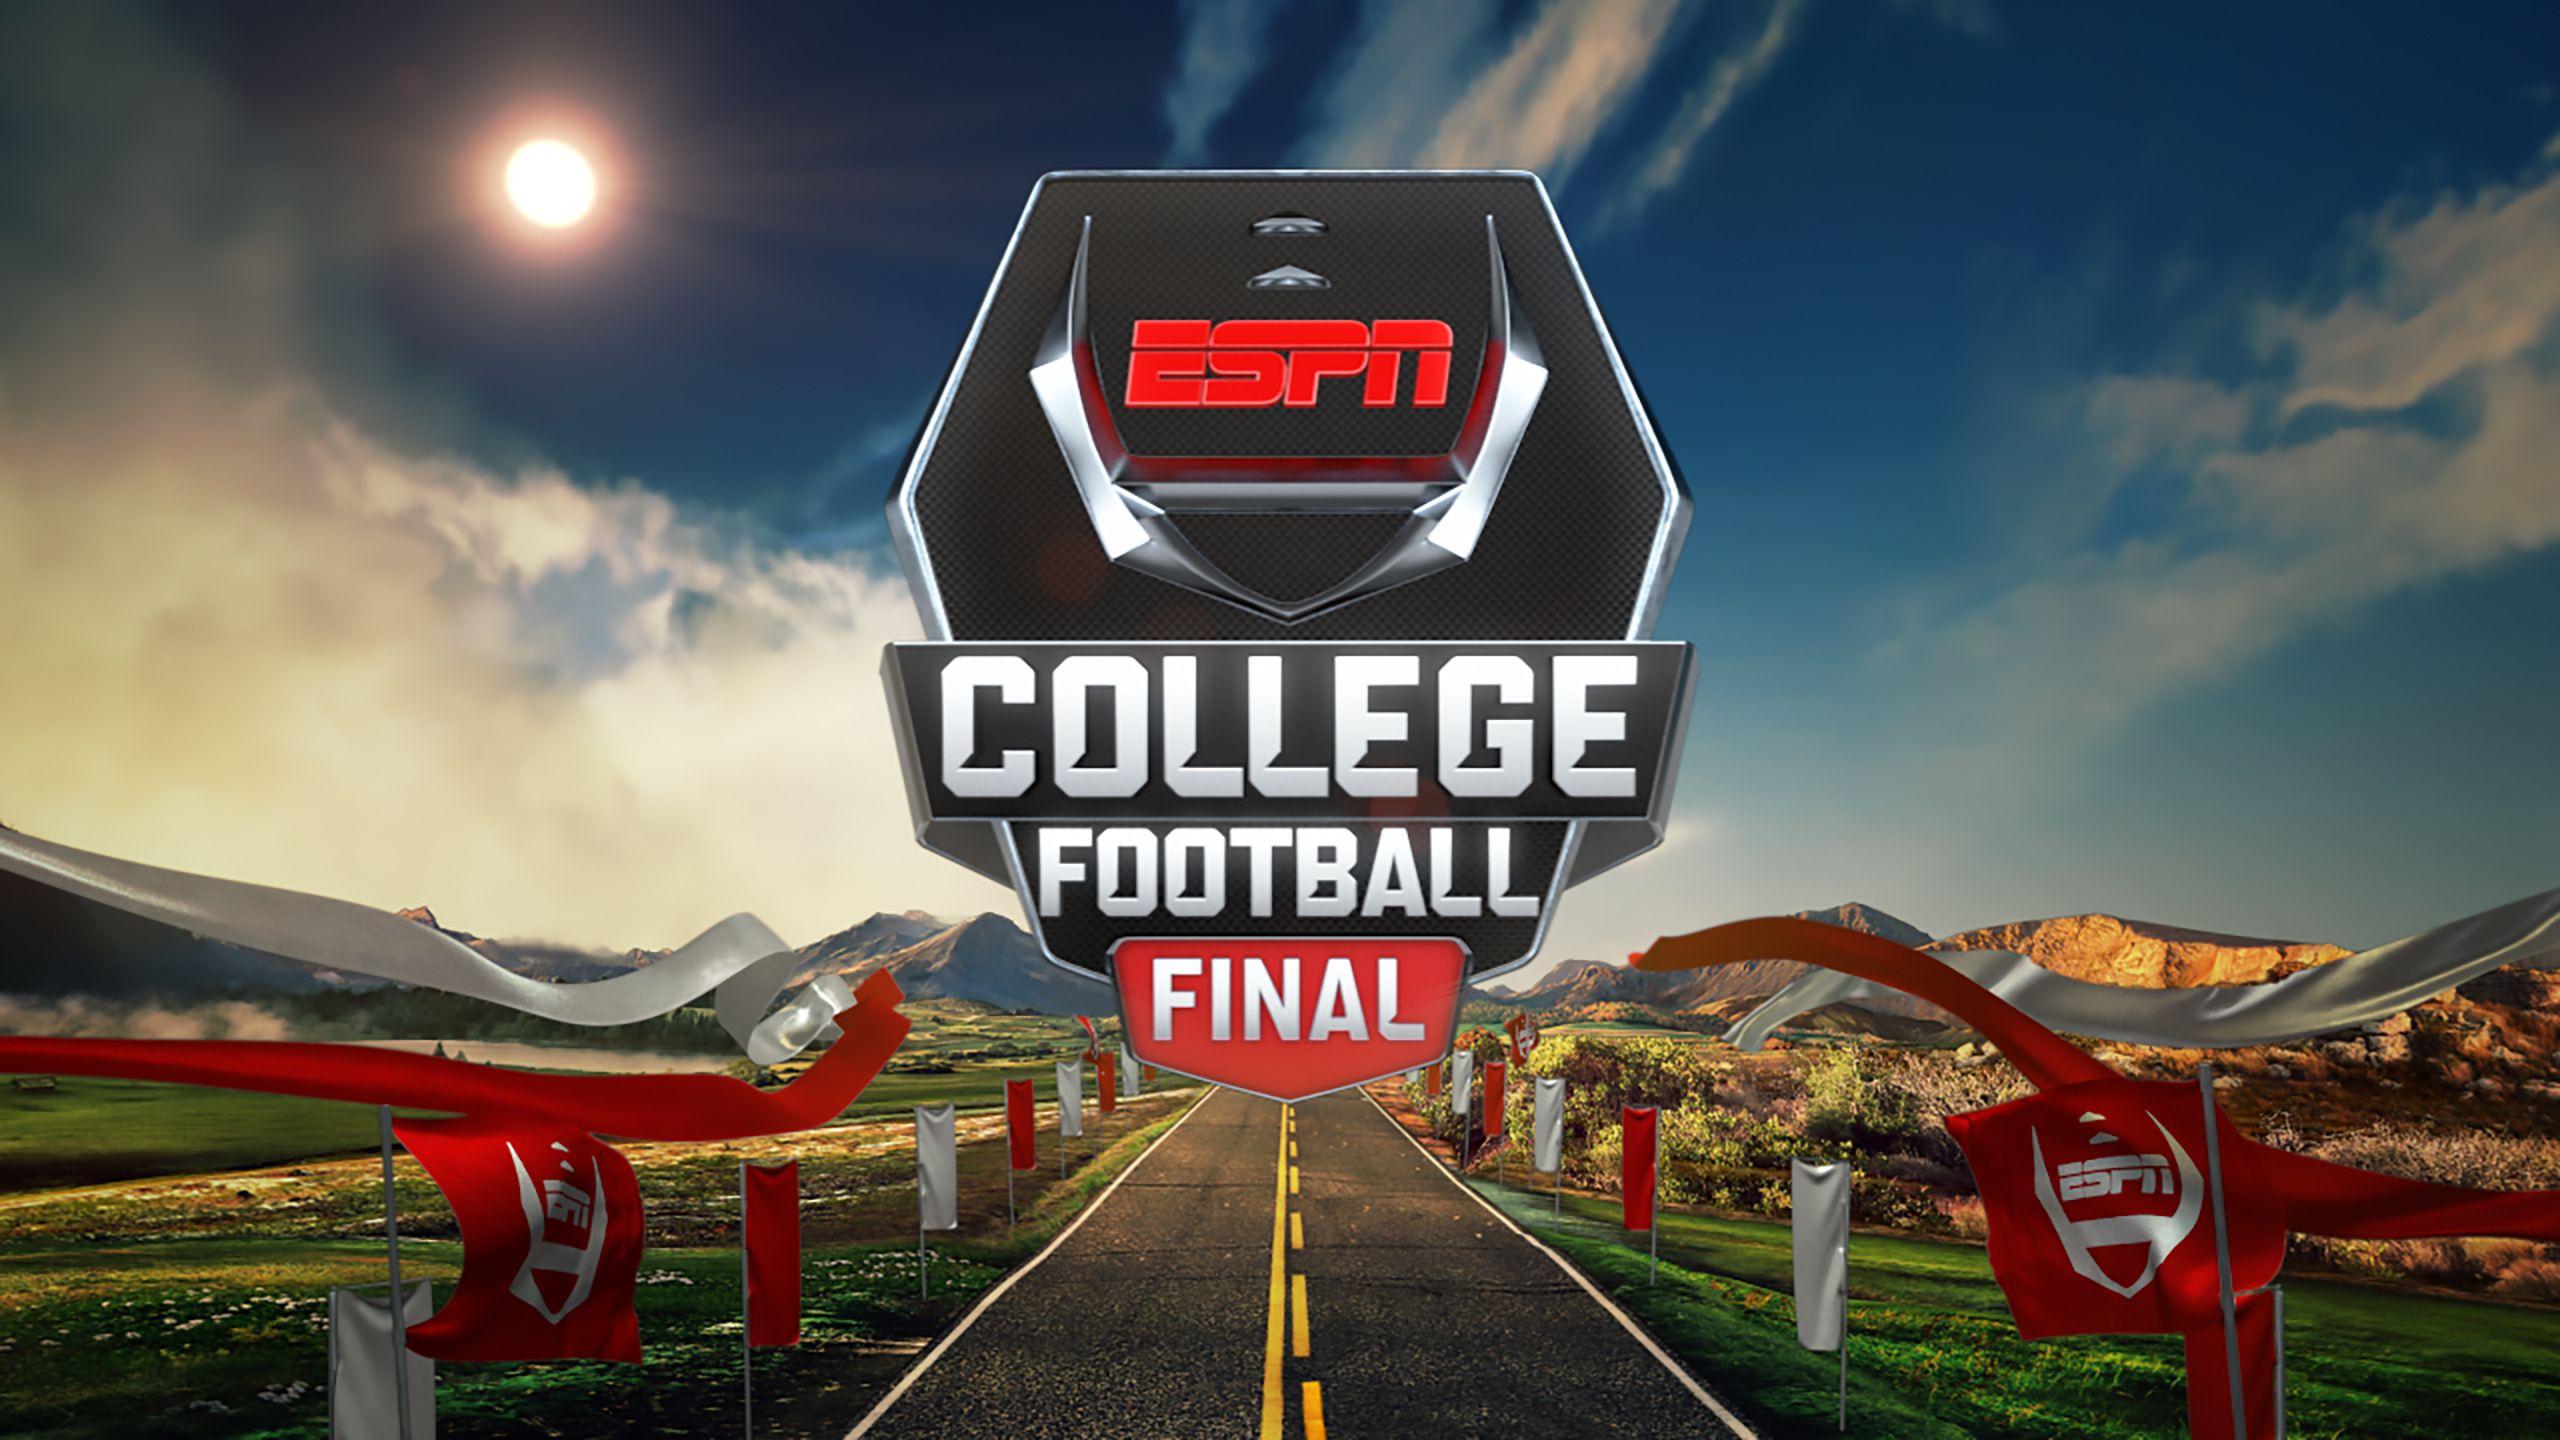 Sun, 10/15 - College Football Final